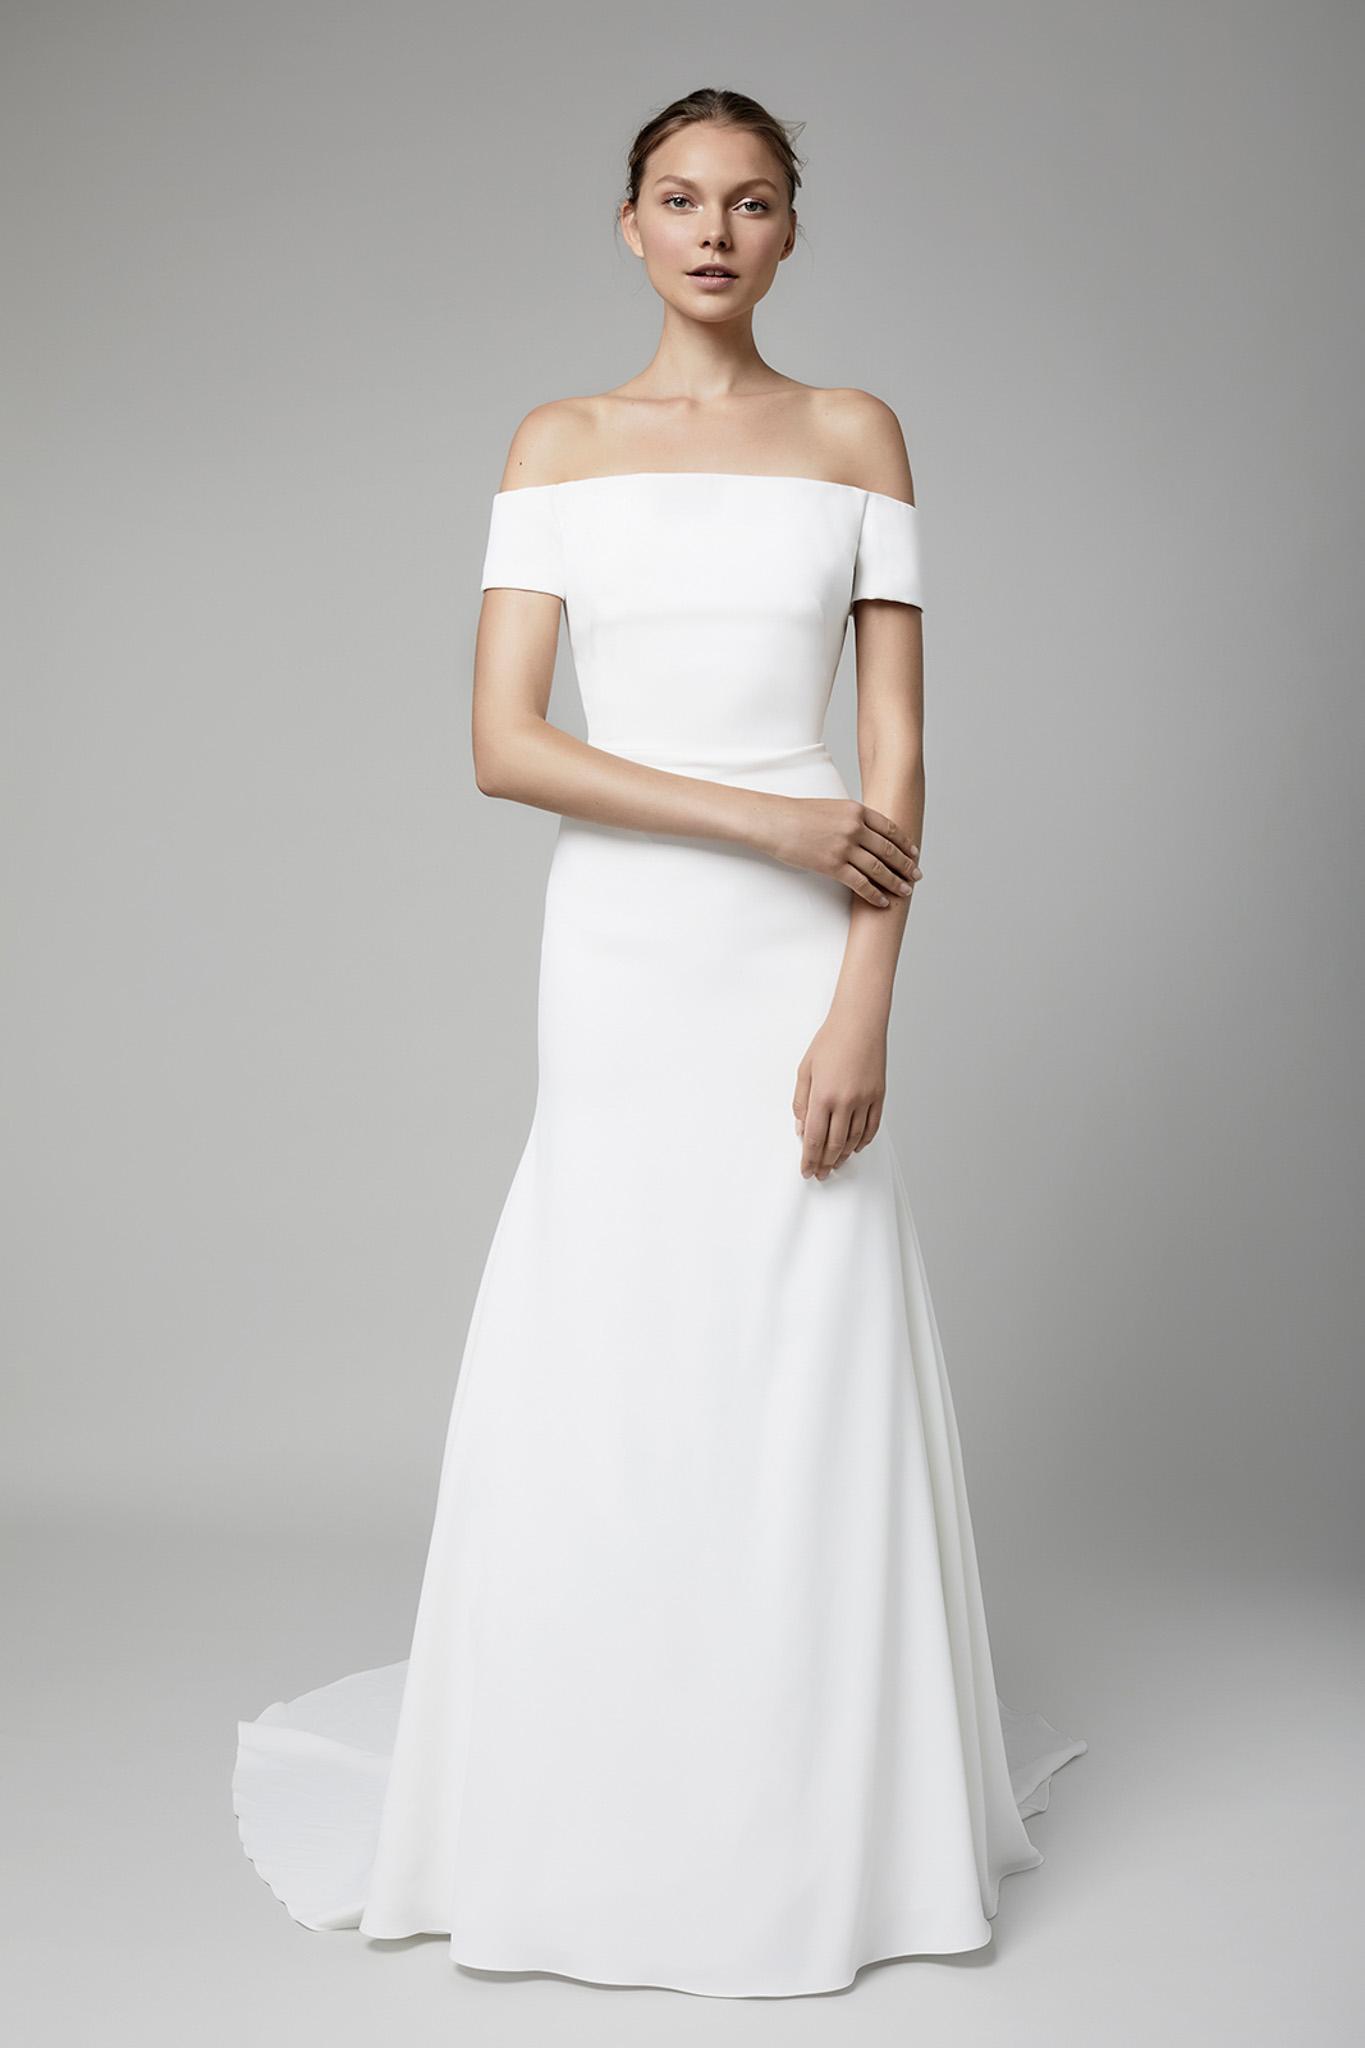 Lela Rose Archives Browns Bride - Lela Rose Wedding Dresses